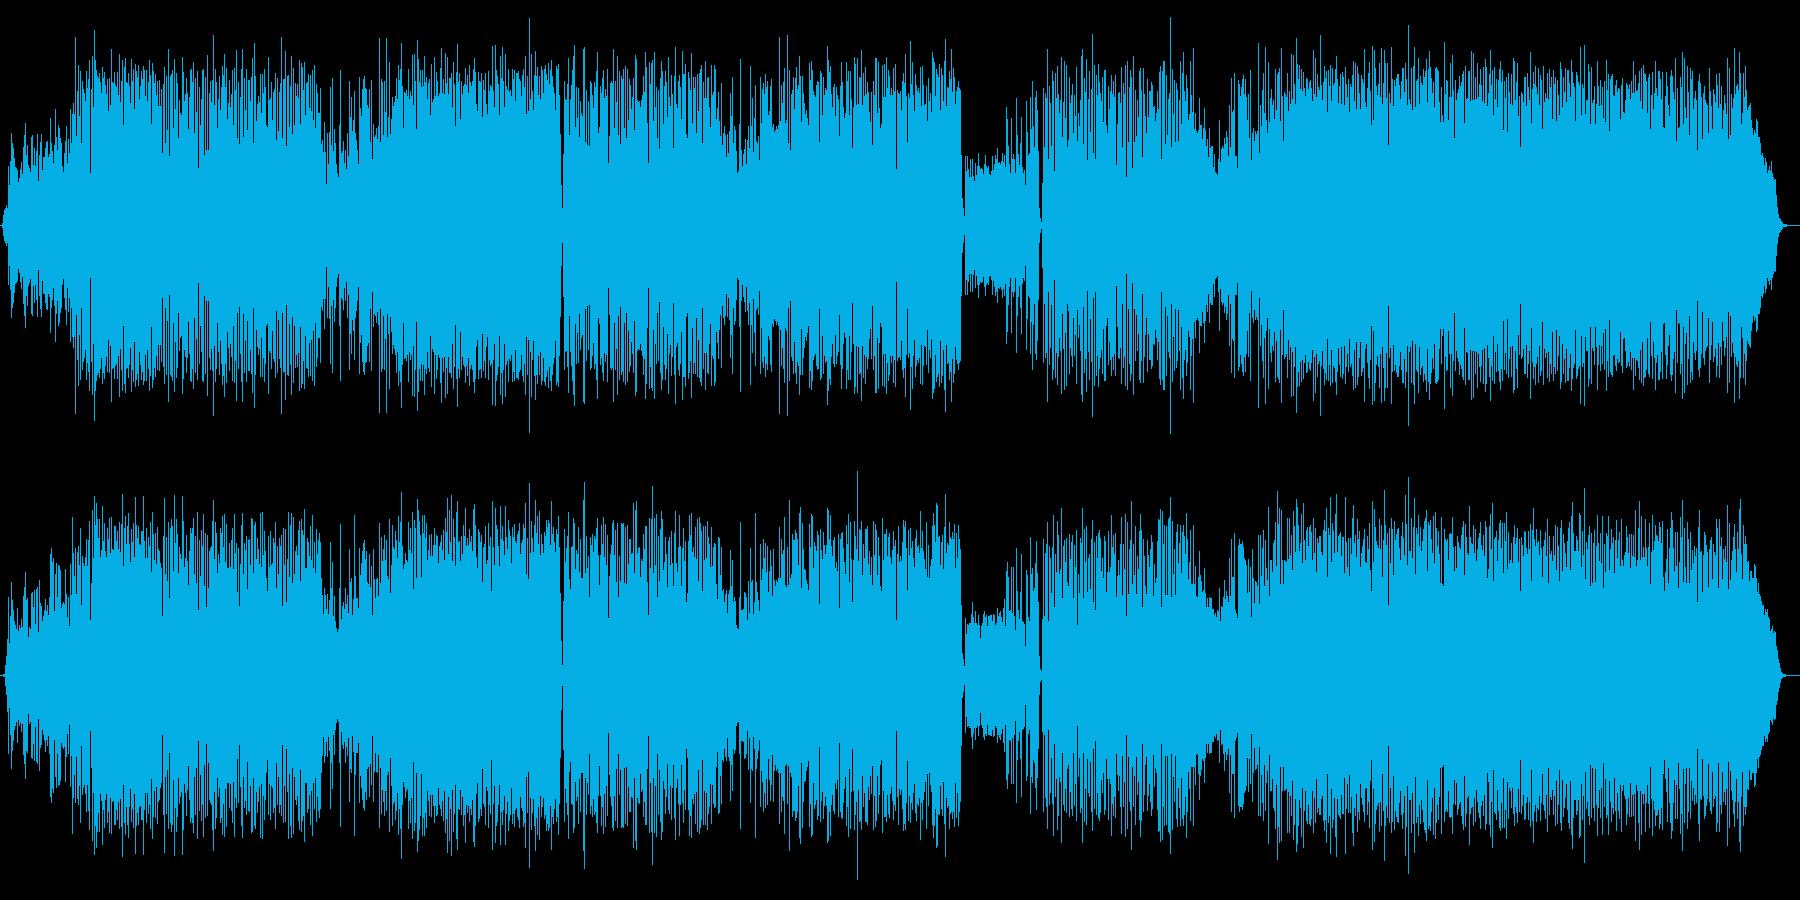 カフェミュージック:アコーディオンジャズの再生済みの波形